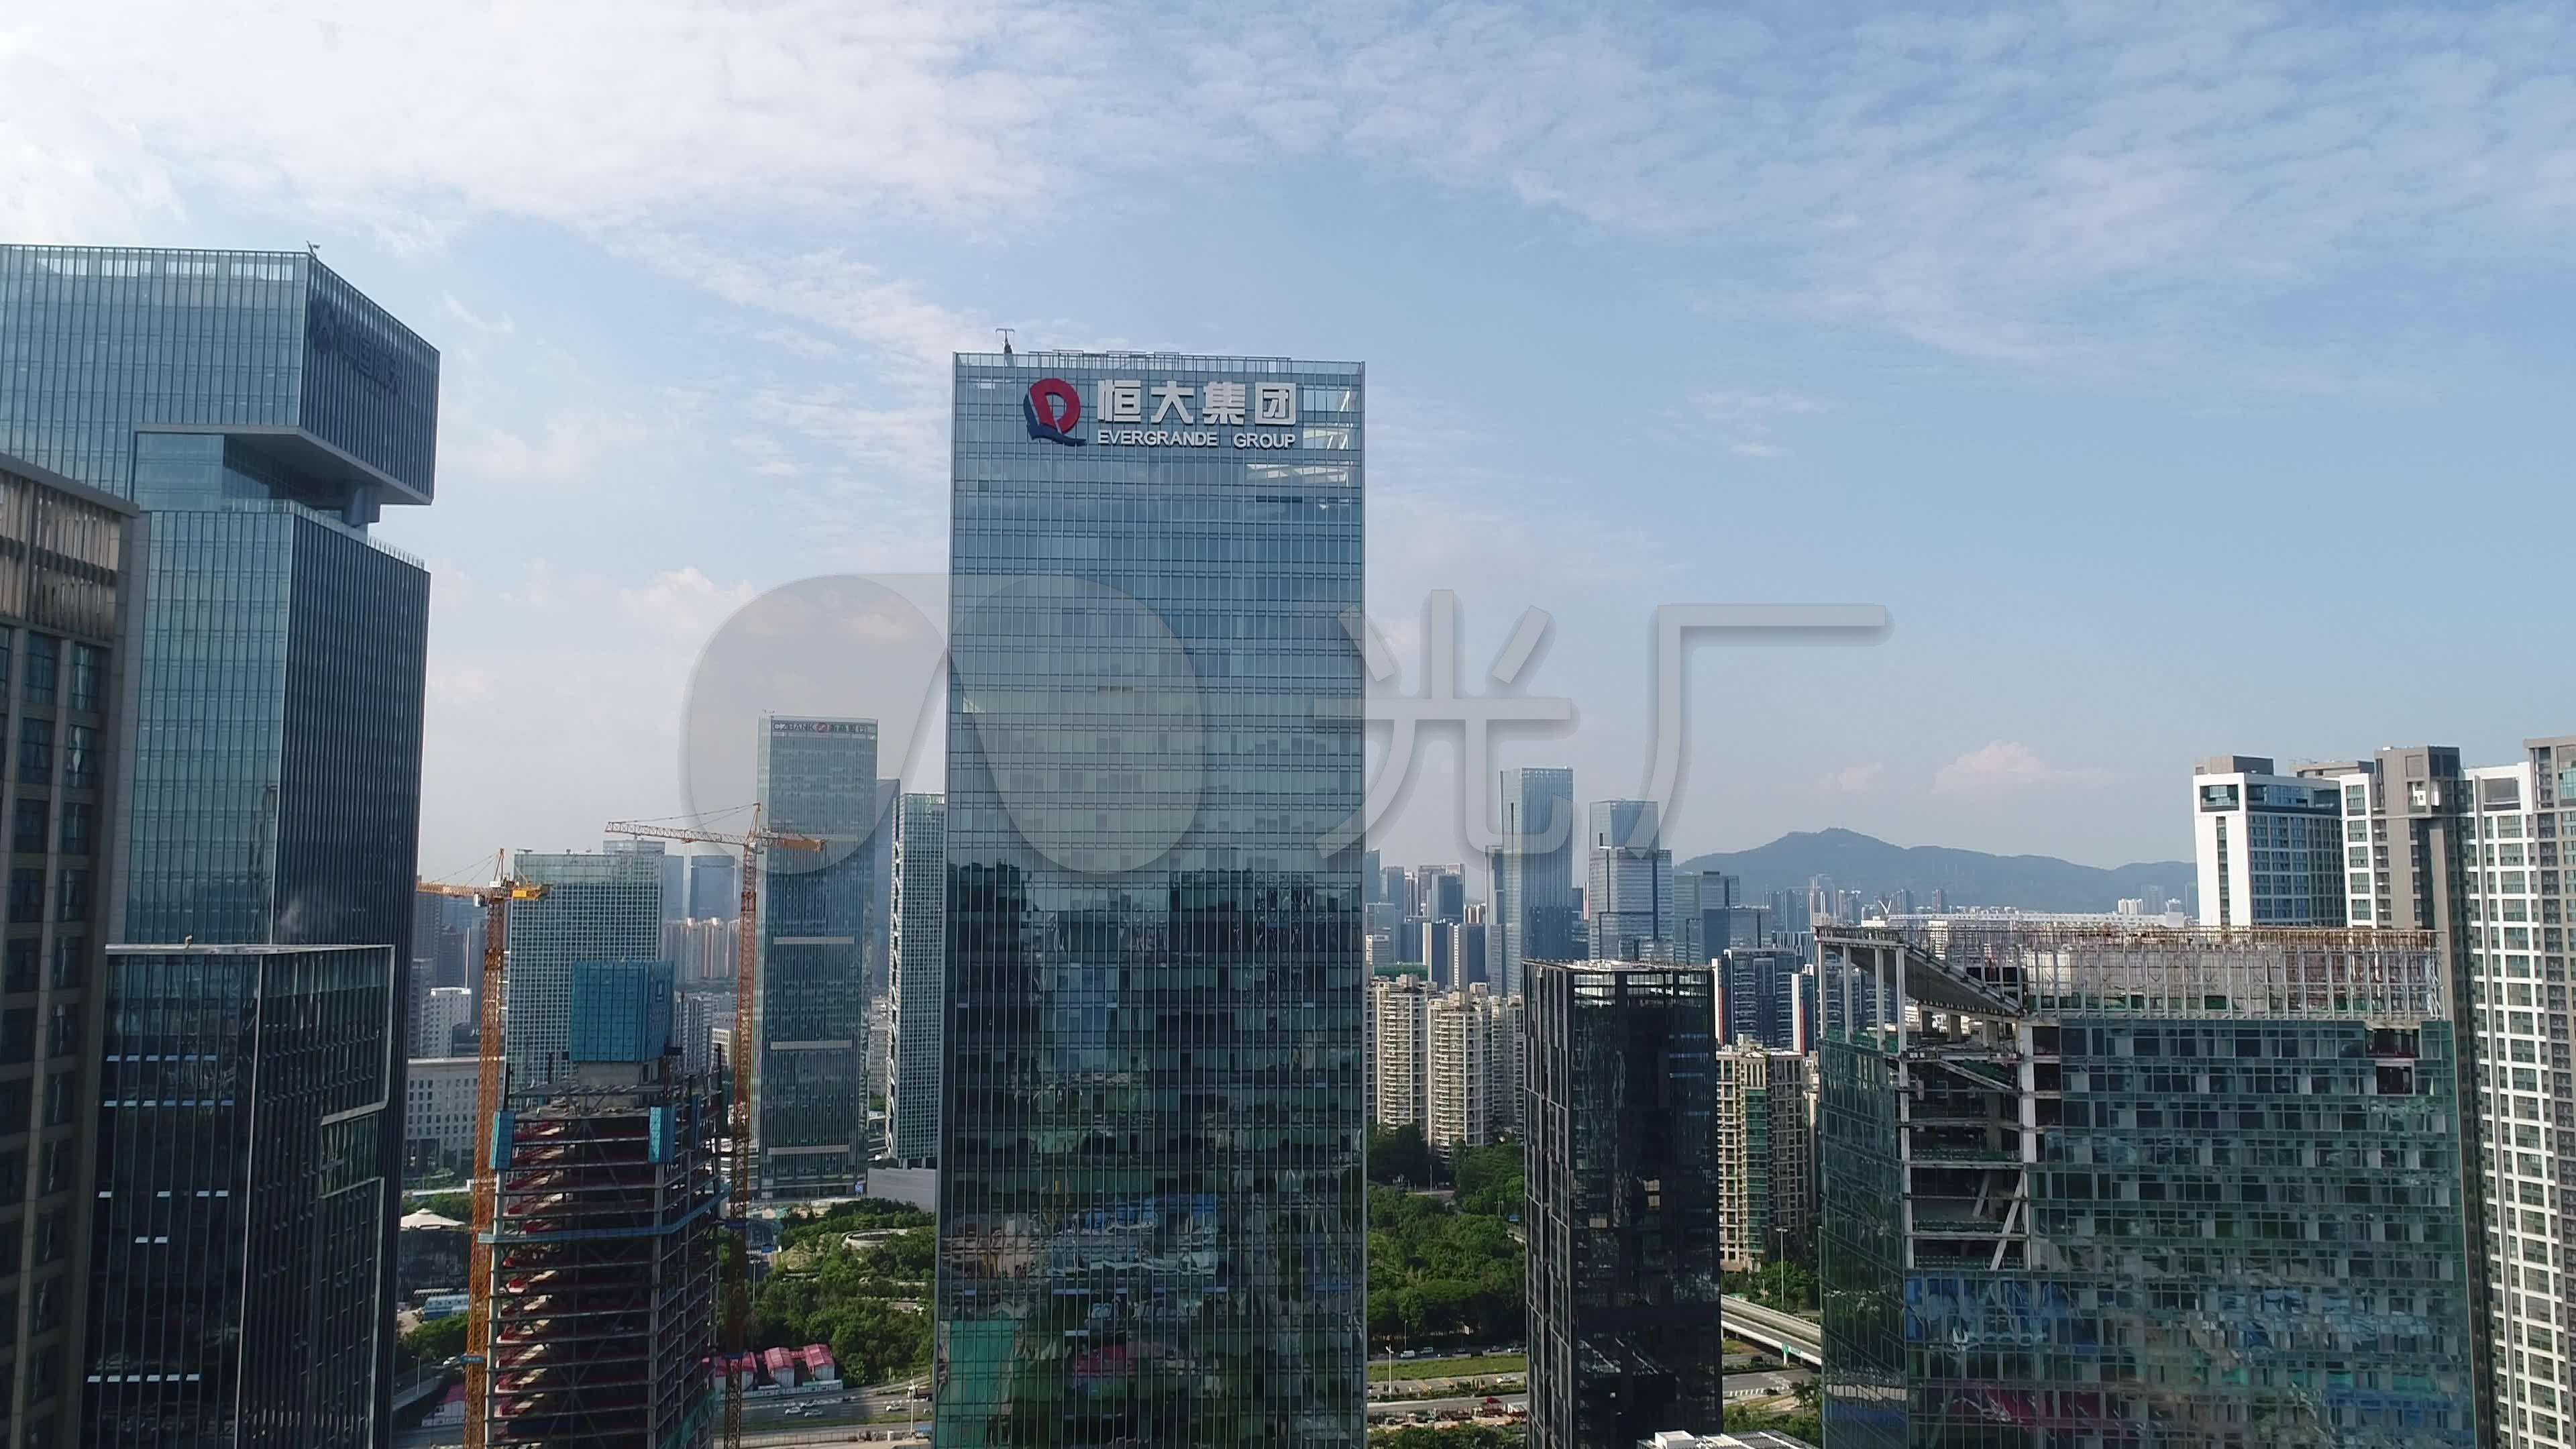 深圳市南山区海德大道恒大集团总部航拍4k图片